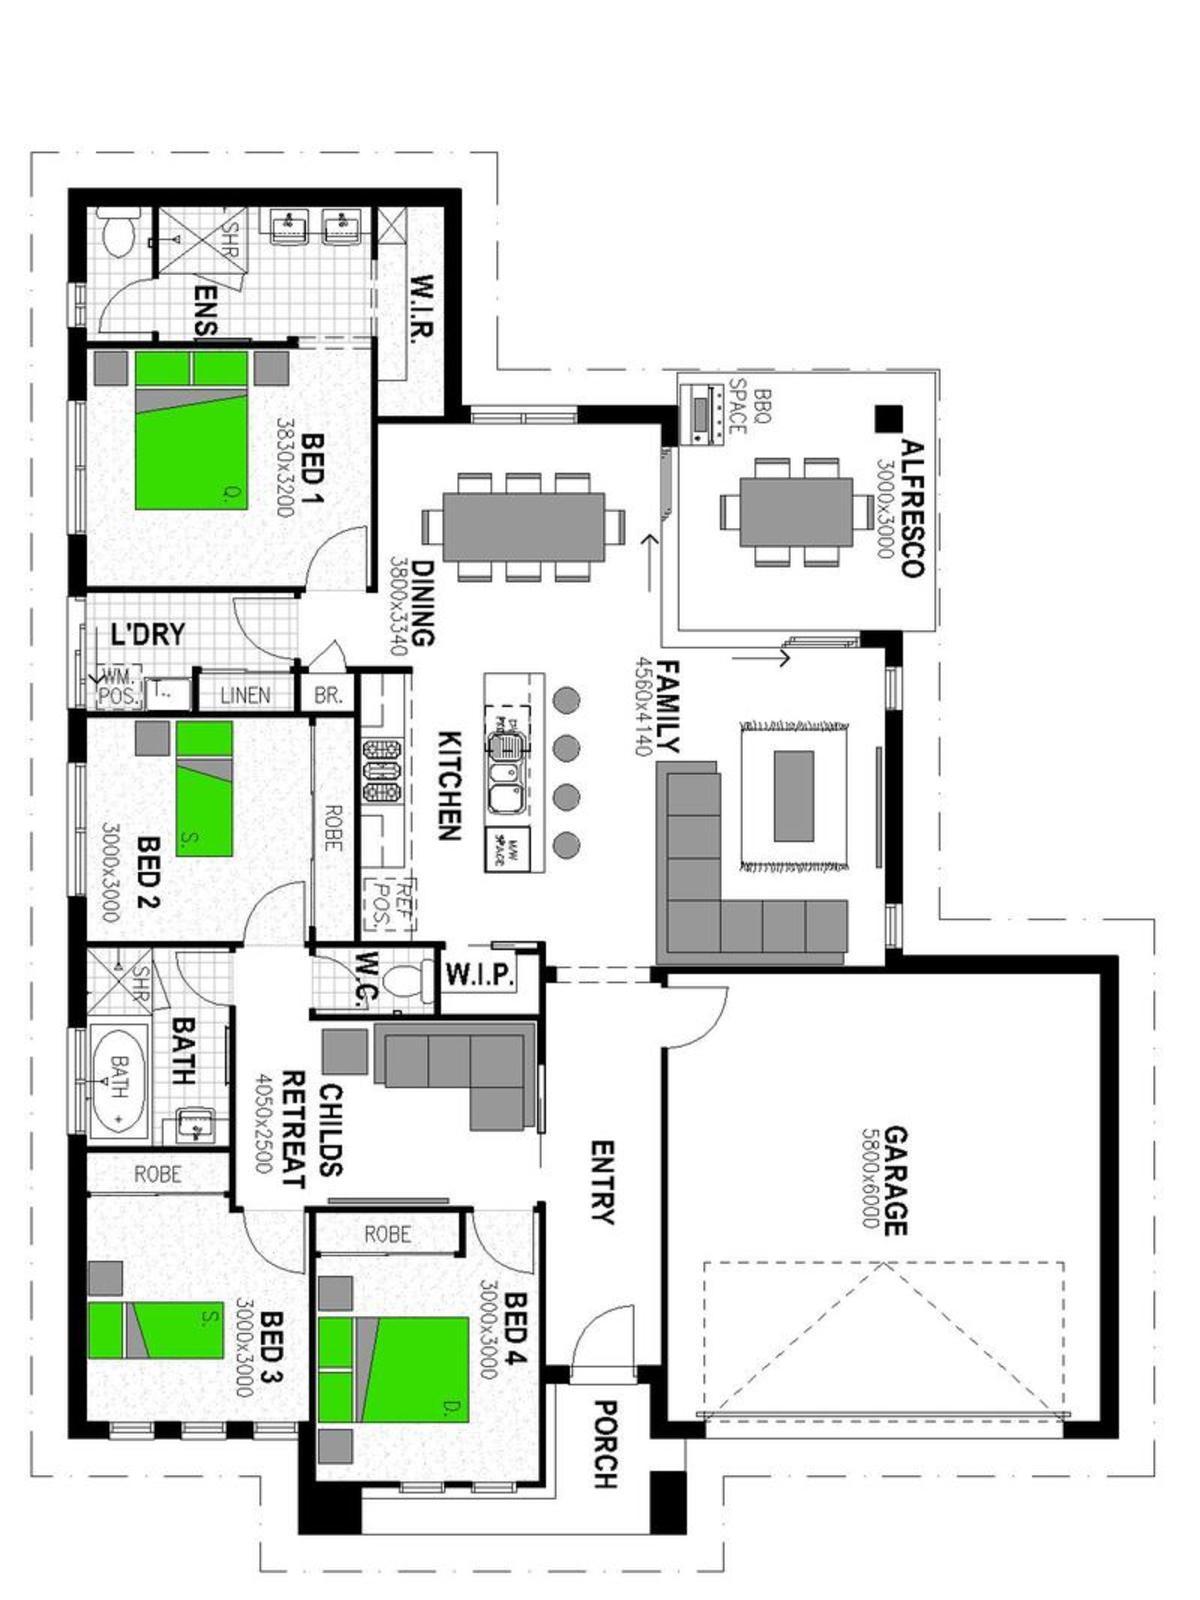 LOT 1205 'BRENTWOOD FOREST' BELLBIRD PARK Floorplan